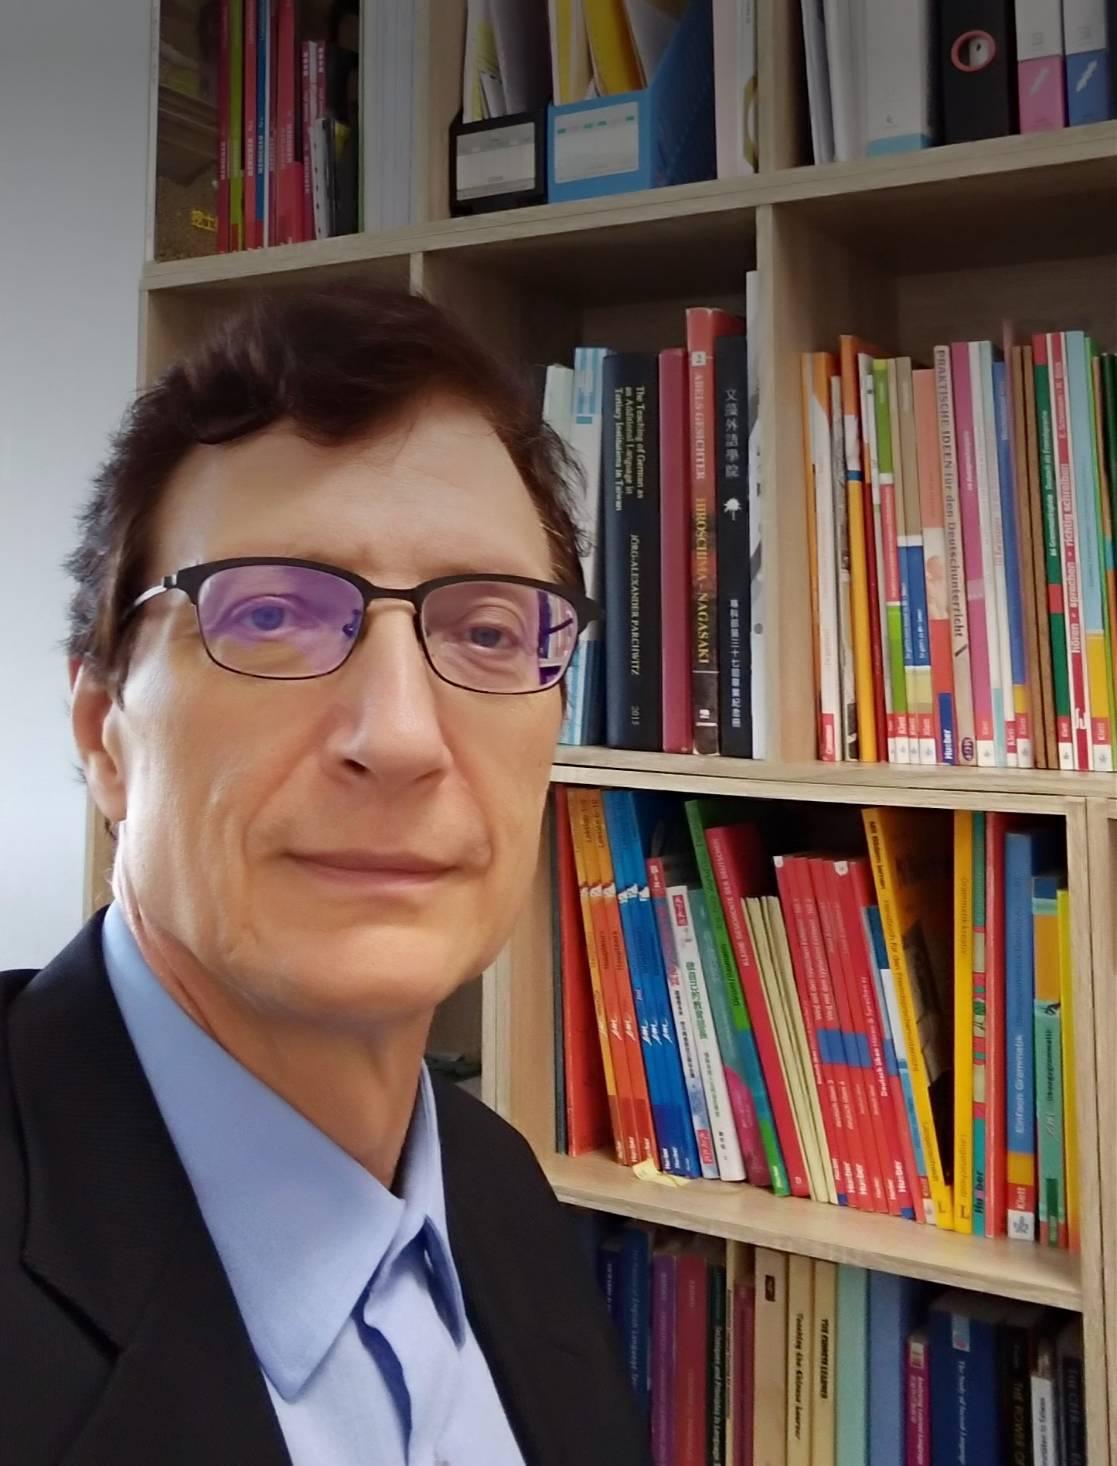 教師 「白秋石 (Jörg Parchwitz)」老師照片